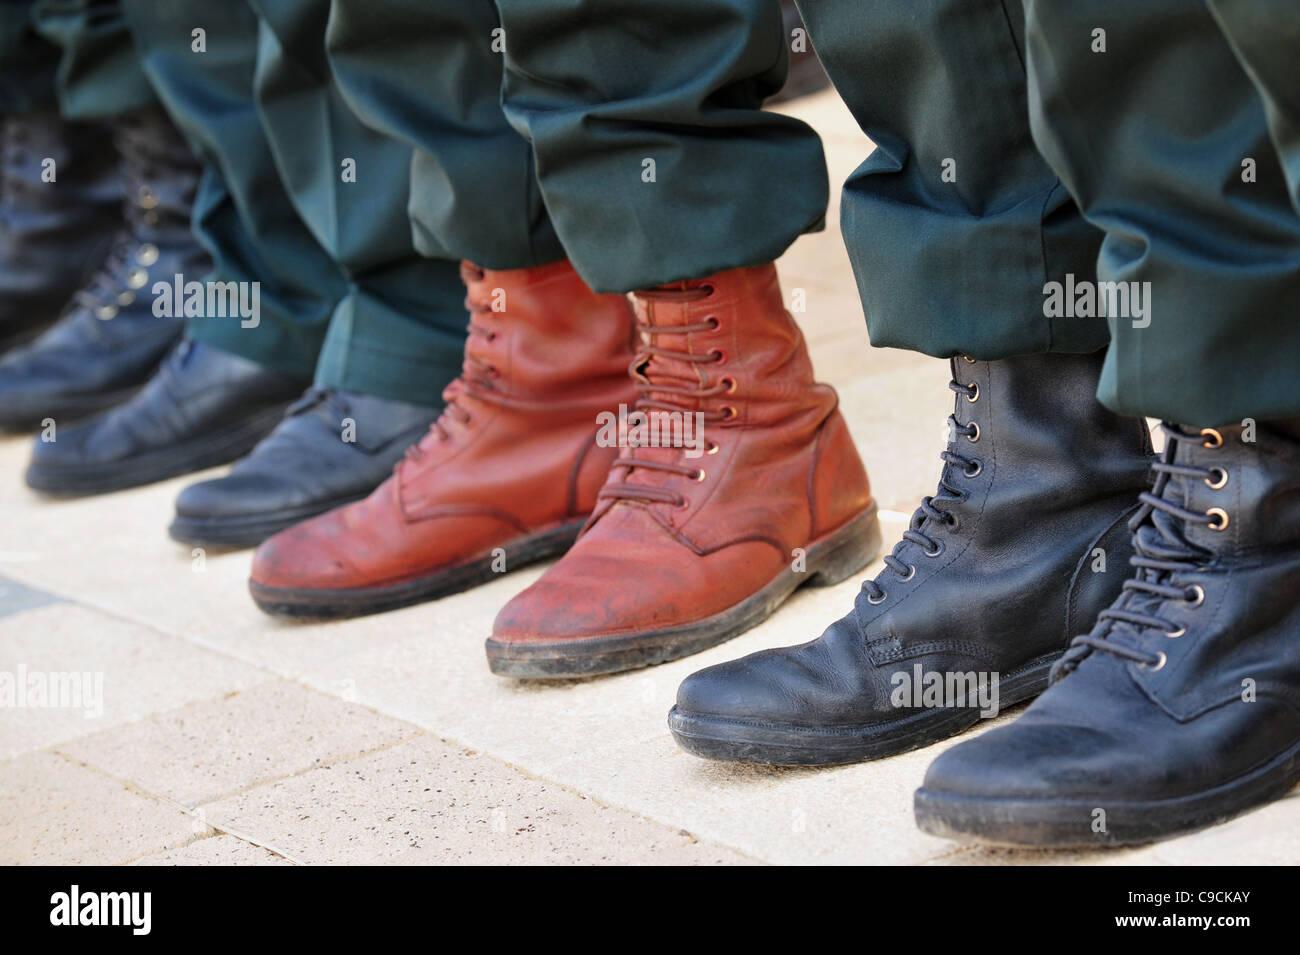 Stiefel, Der In Den Schlamm Tritt Stockfoto Bild von matte